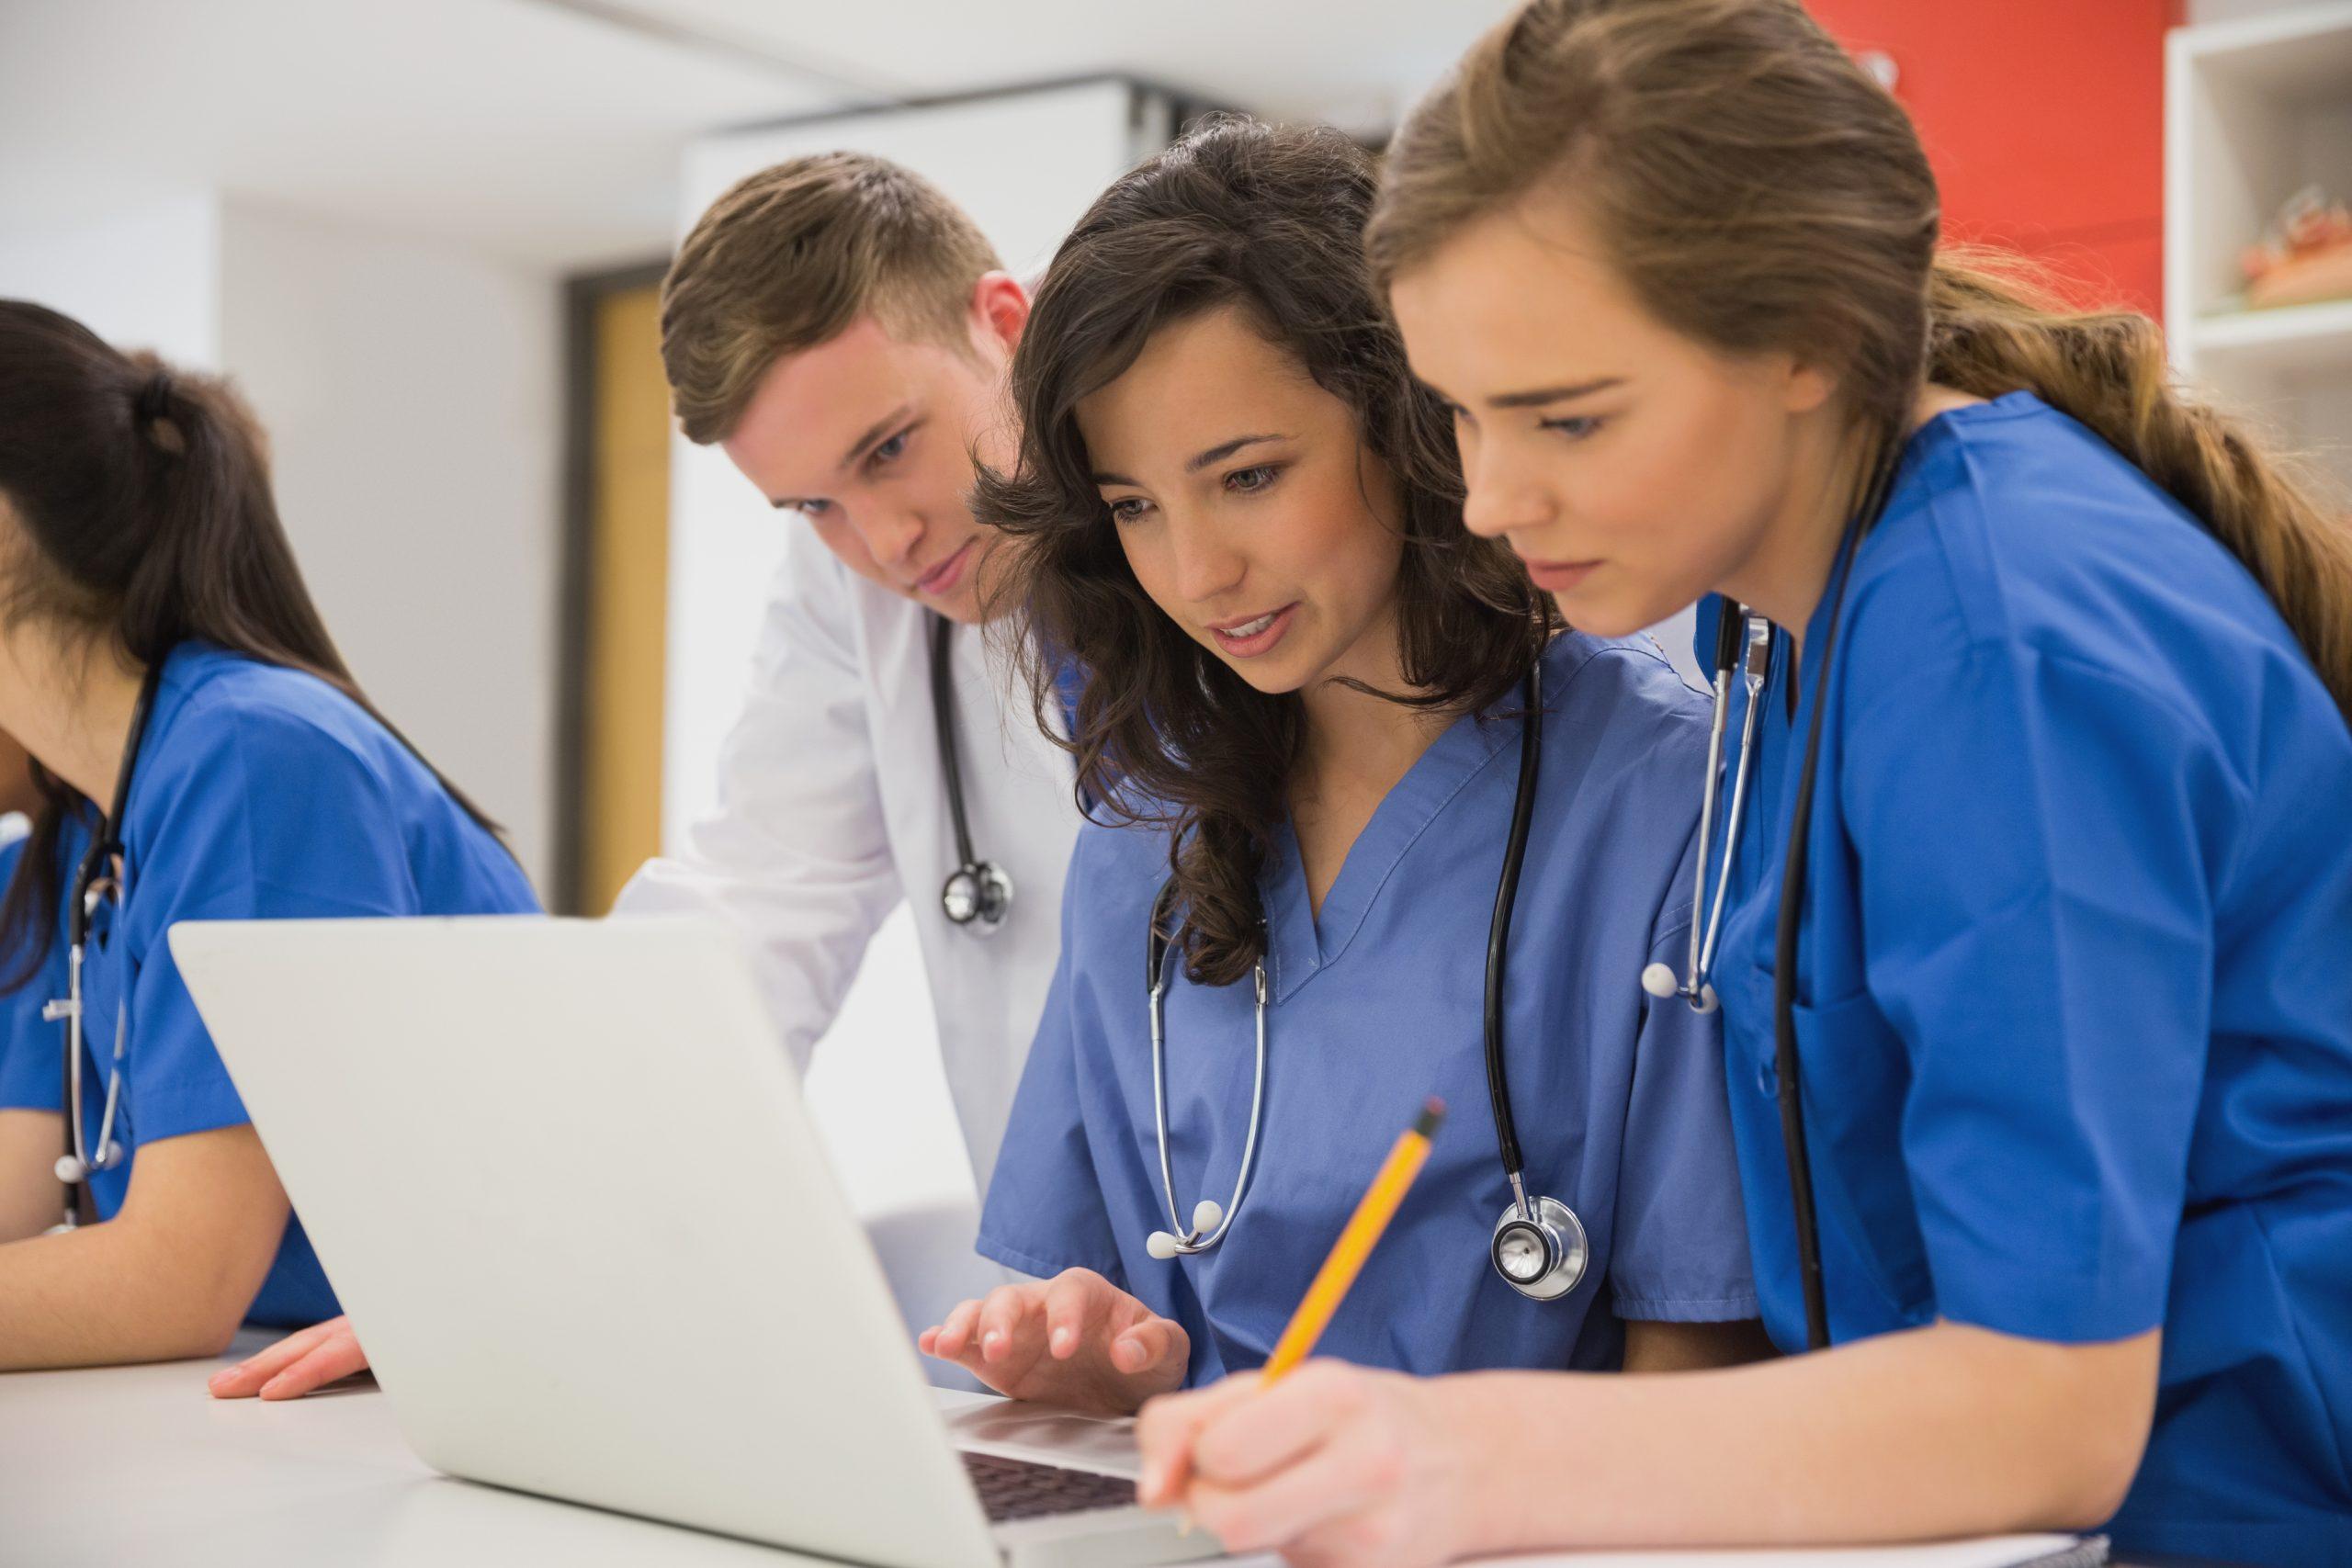 МРП: гинекологи хотят научиться, но в программе нет адекватных знаний